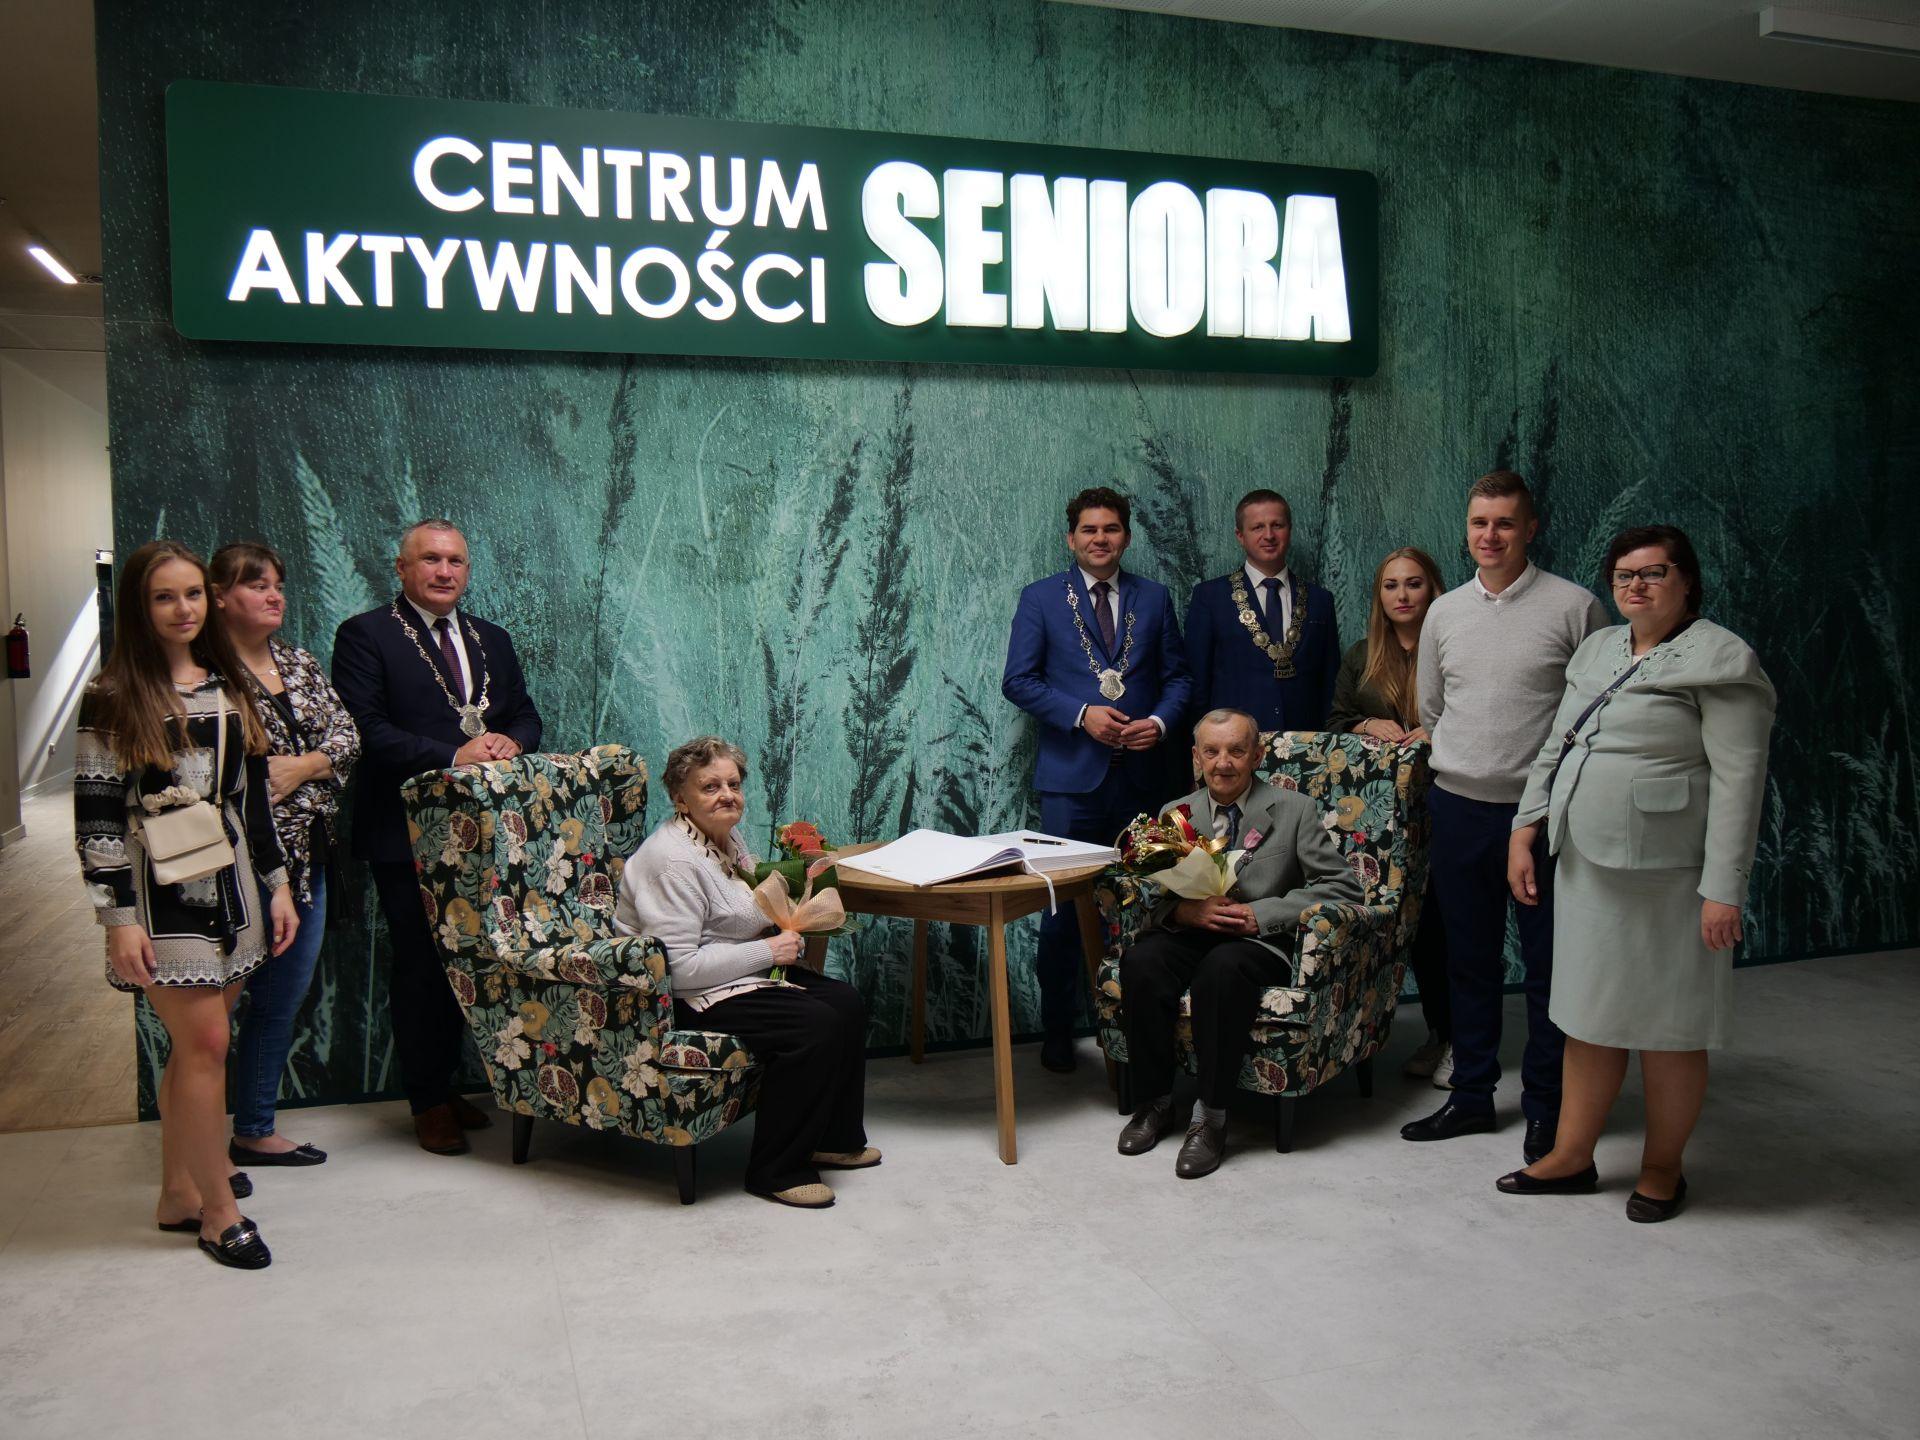 wiele osób, napis: Centrum Aktywności Seniora